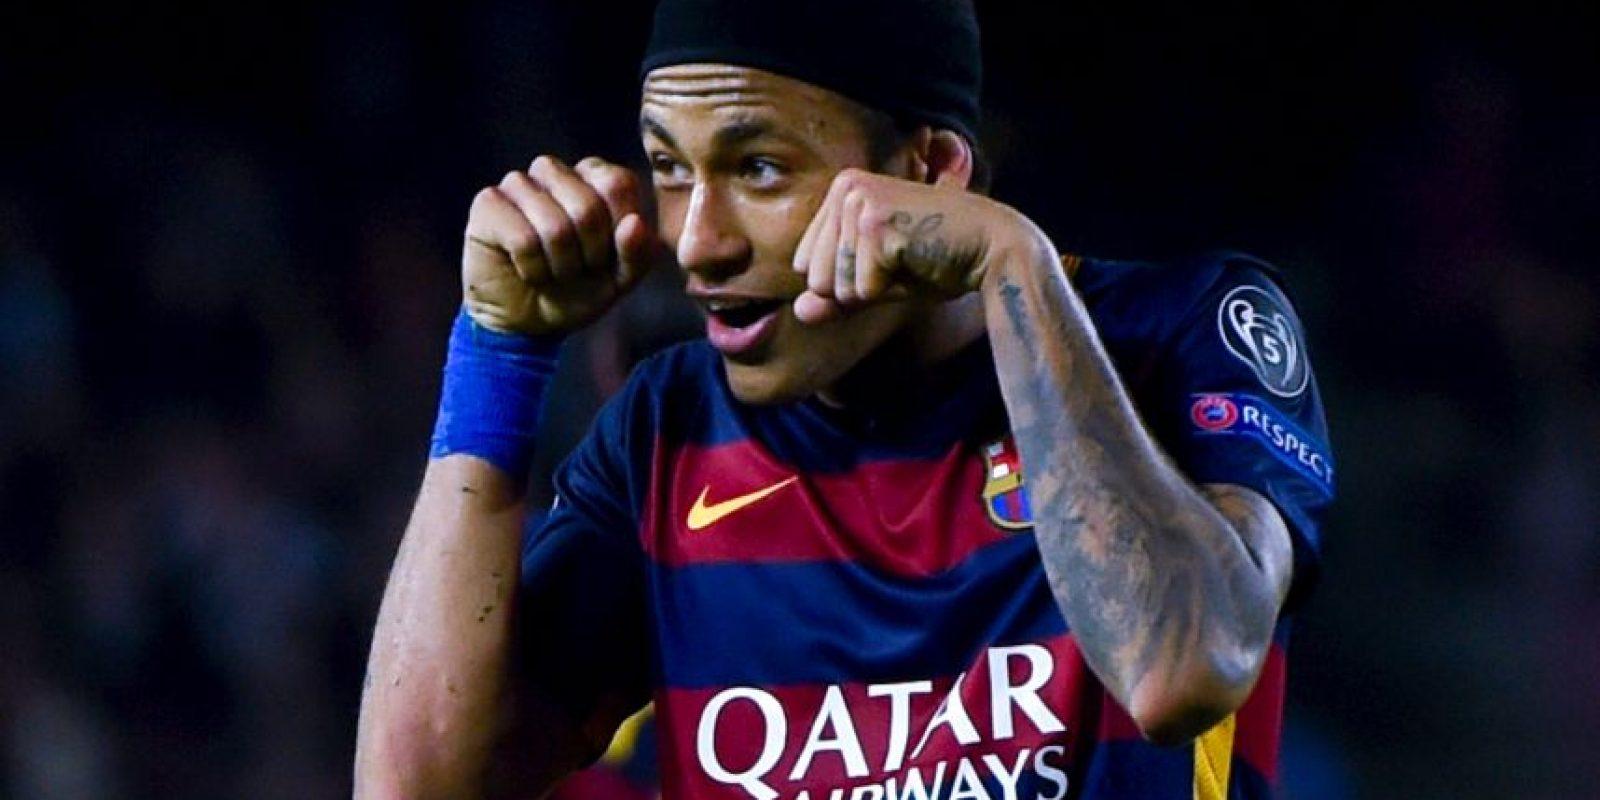 """El capitán de Brasil está de vuelta justo en su mejor momento. Ante la ausencia de Lionel Messi por lesión, Neymar ha tomado las riendas del Barcelona que ya es líder en la Liga de España. Además, el brasileño lidera también la lucha por el """"Pichichi"""" con 11 tantos, dos más que Luis Suárez y tres por encima de Cristiano Ronaldo. Foto:Getty Images"""